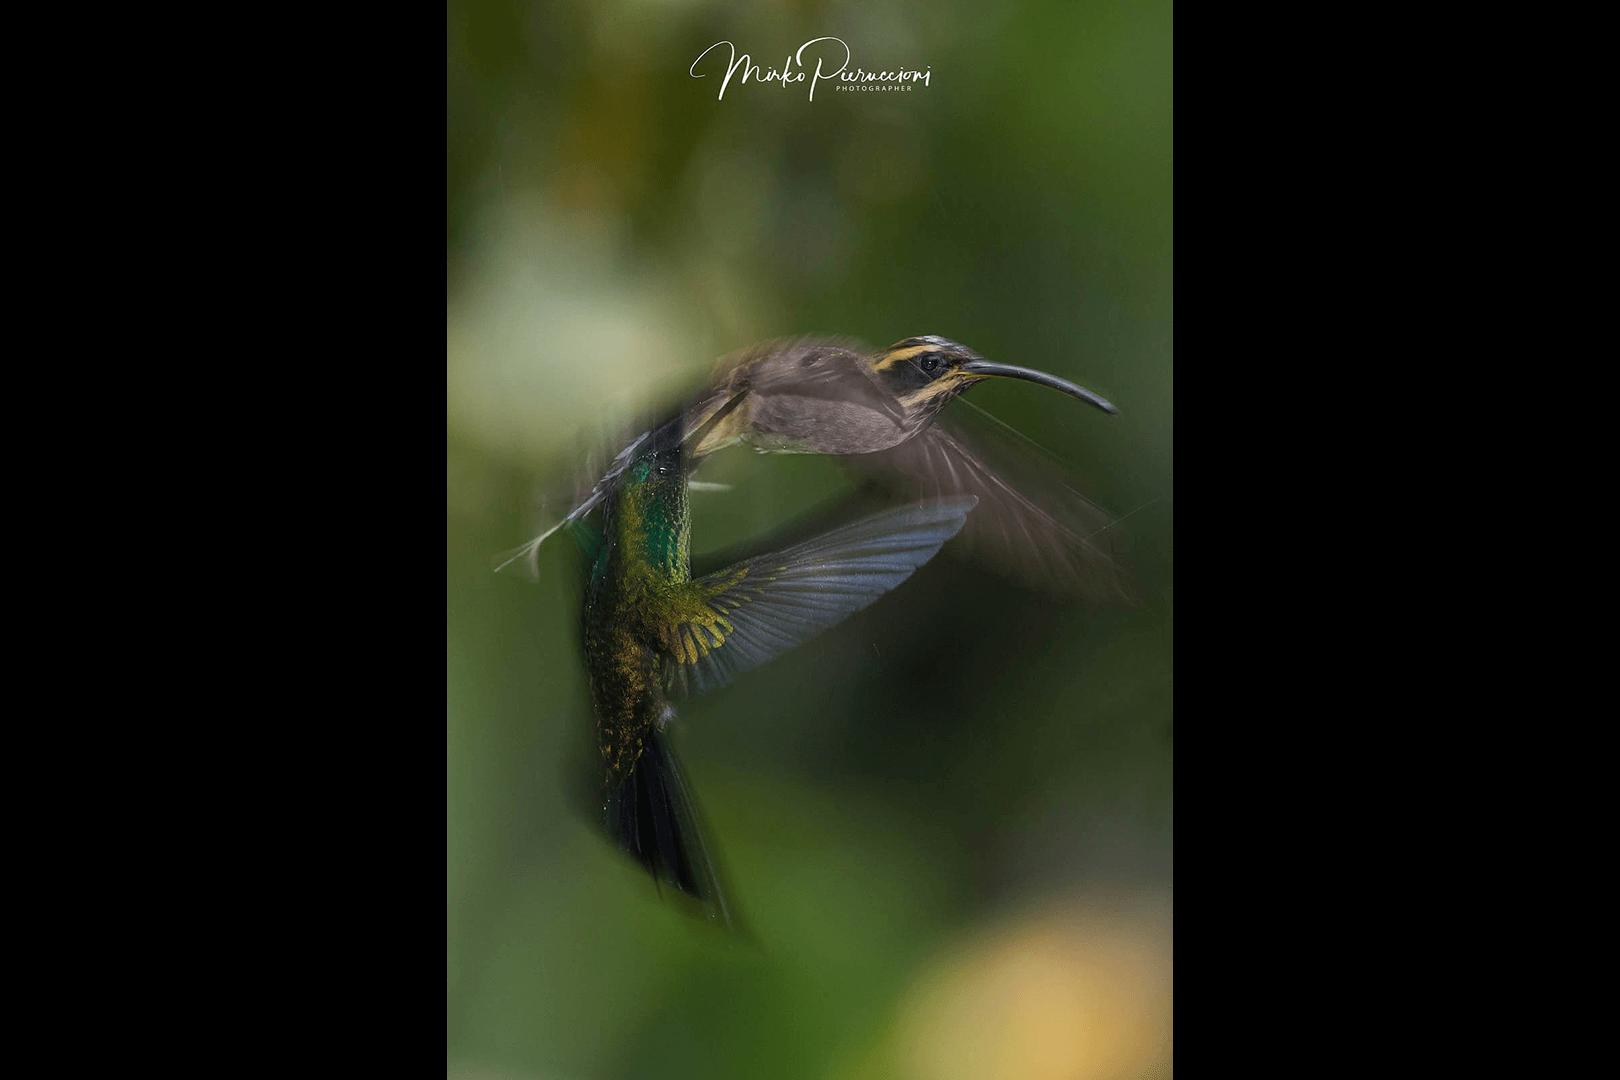 Phototour-Pantanal-2019-7